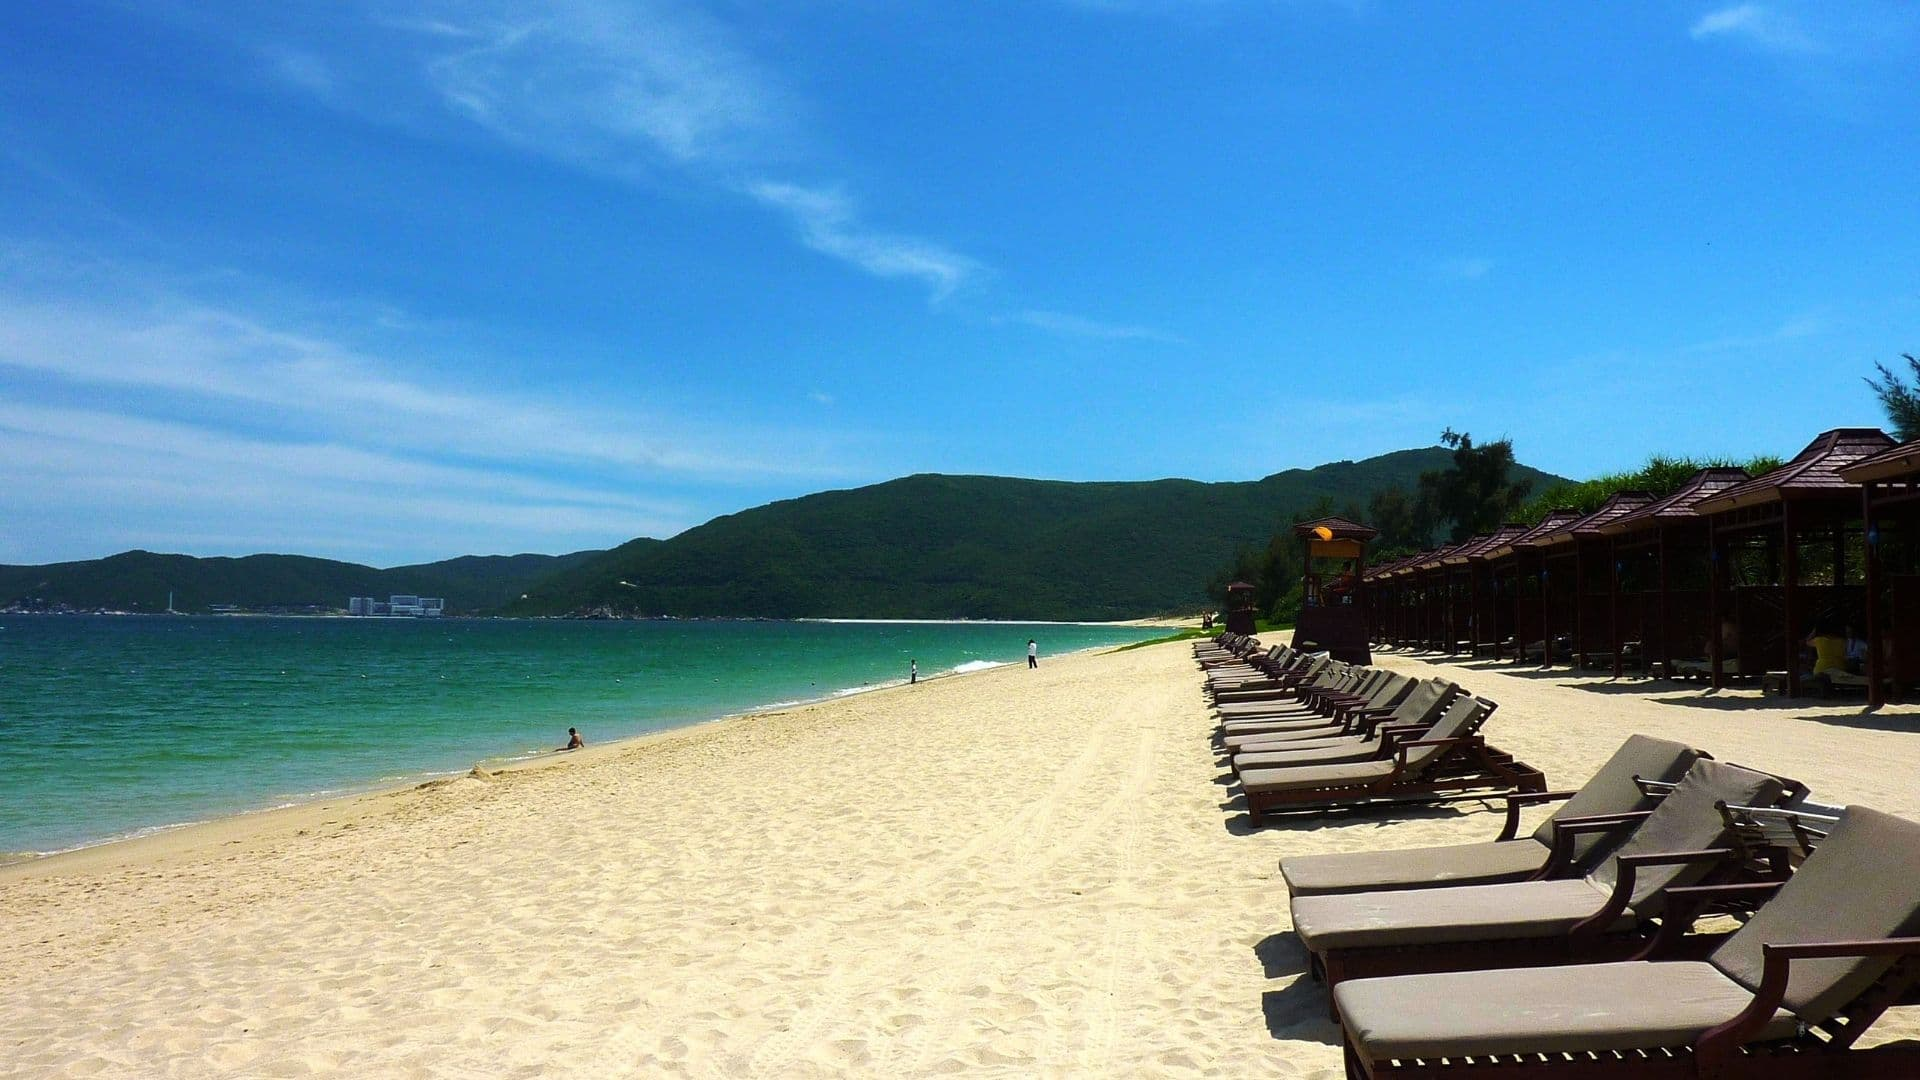 Una de las mejores palayas de Asia queda en China en la Bahía de Yalong